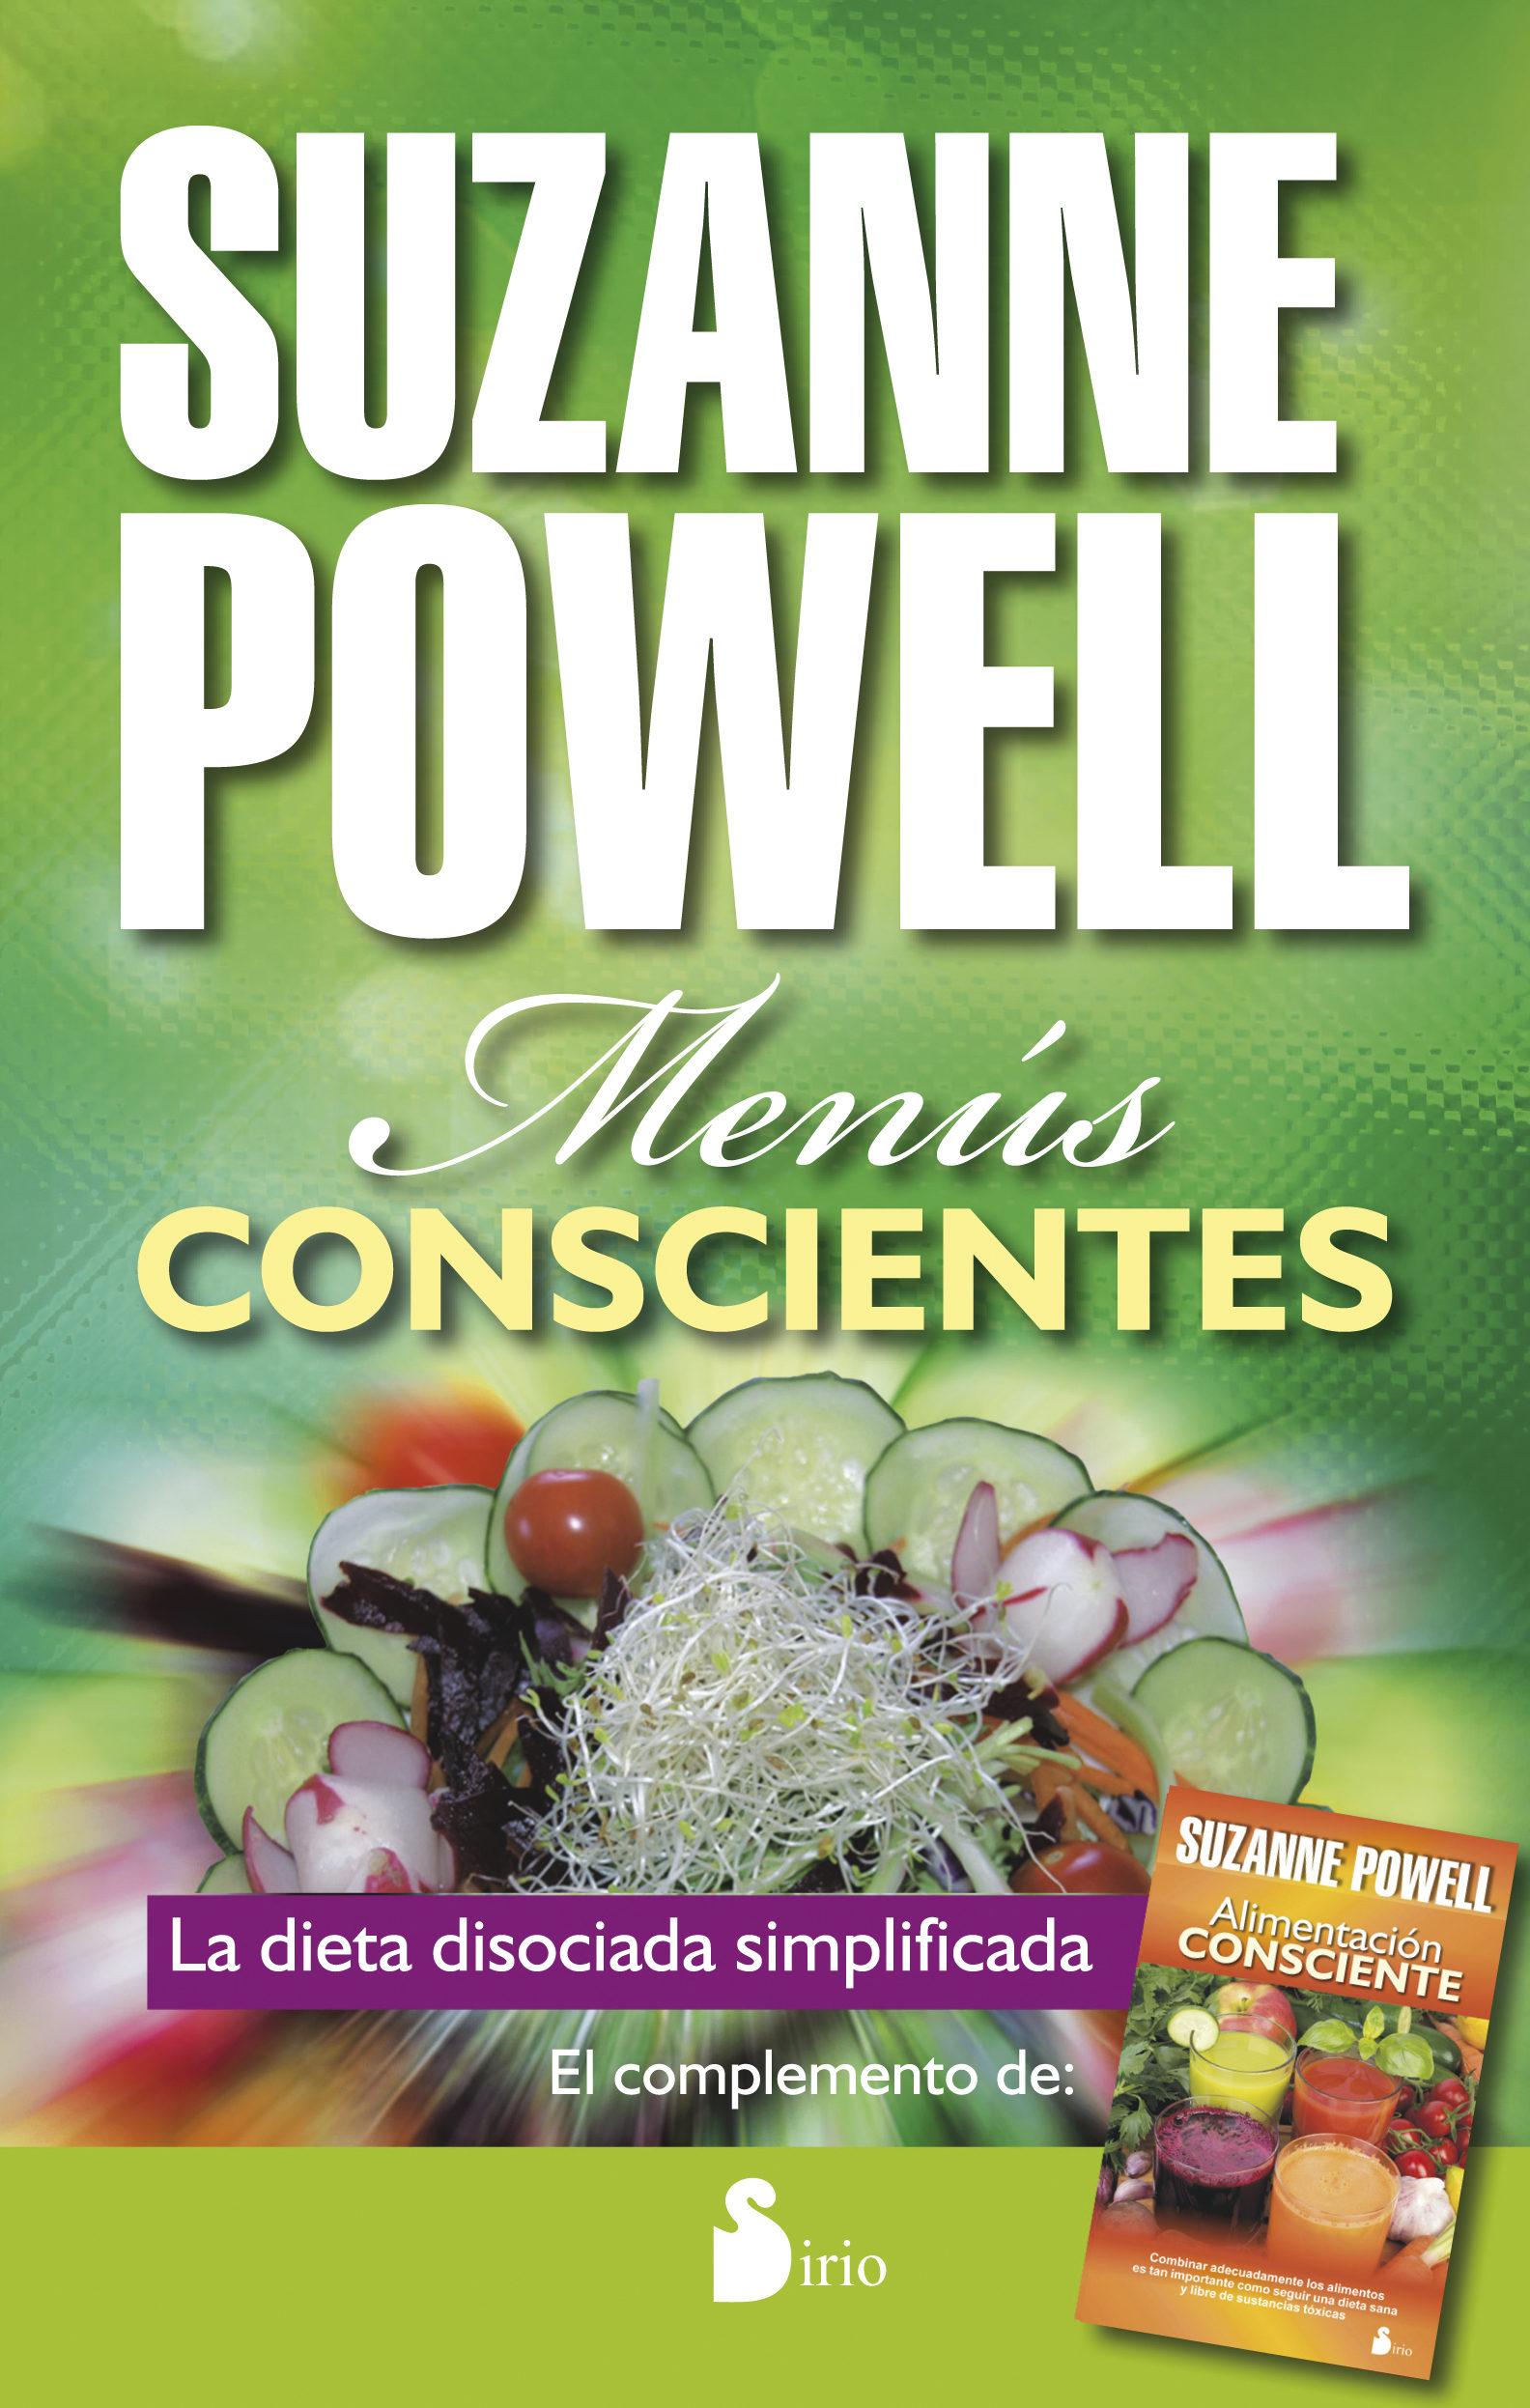 Menús conscientes - Suzanne Powell - Sirio